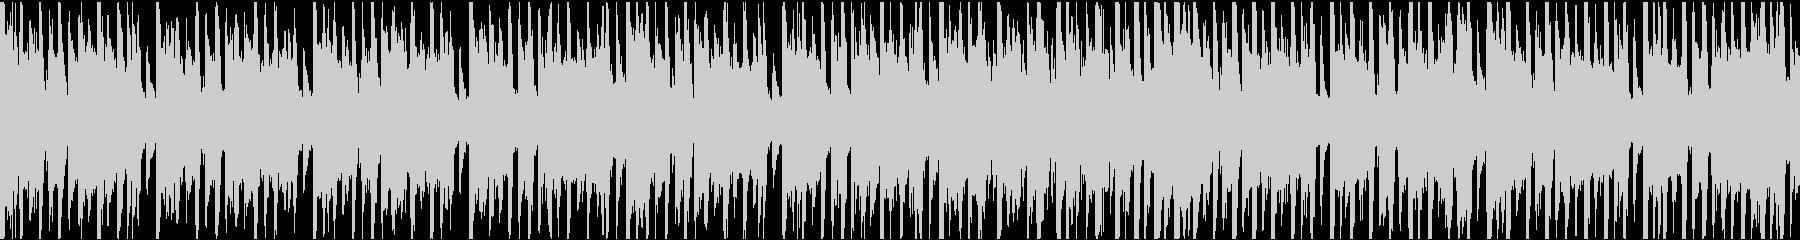 39秒でサビ、ダーク/カラオケループの未再生の波形